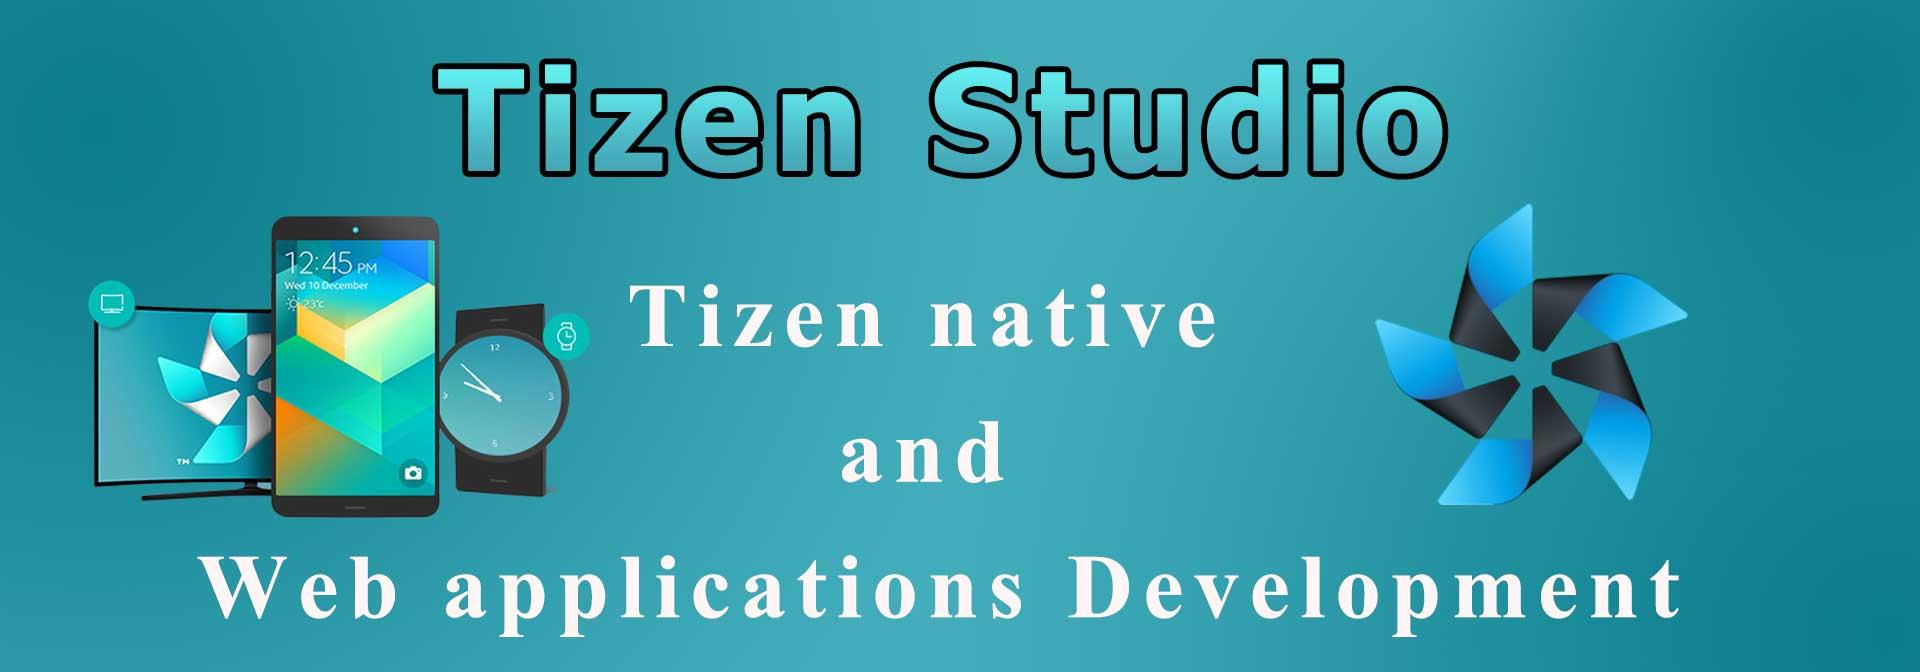 Tizen Studio